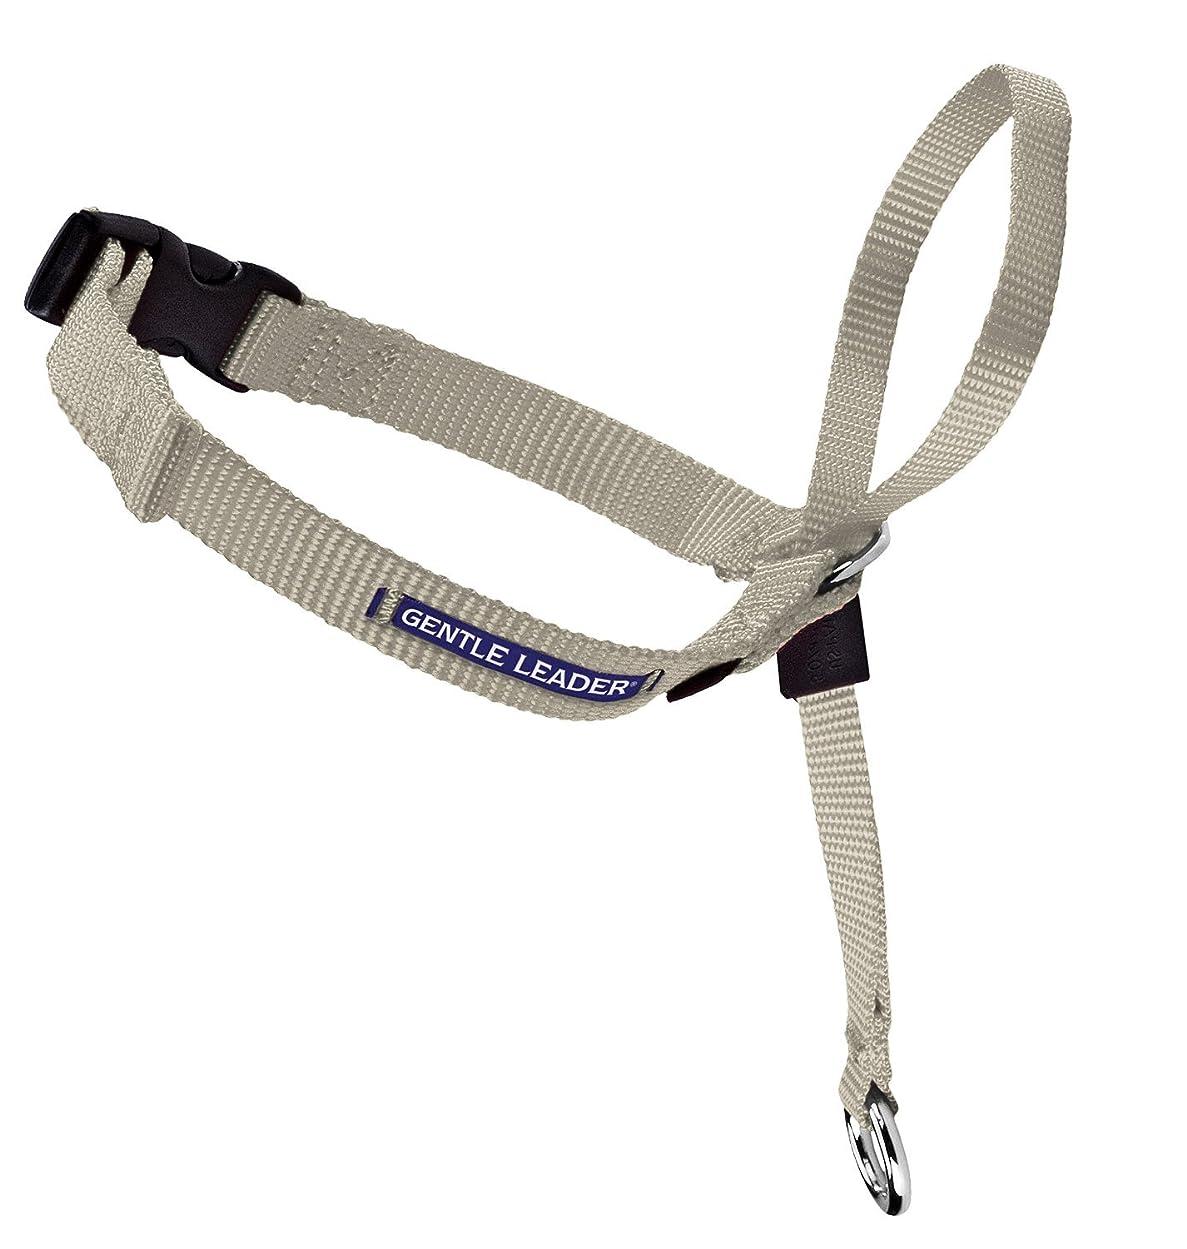 認知ソーシャル捧げるWwin ペット用品 リード 犬のリーシュ トレーニング 滑り止め 調節可能 軽量 散歩 訓練用 小型 中型 大型犬用リード 訓練リード ロングリード